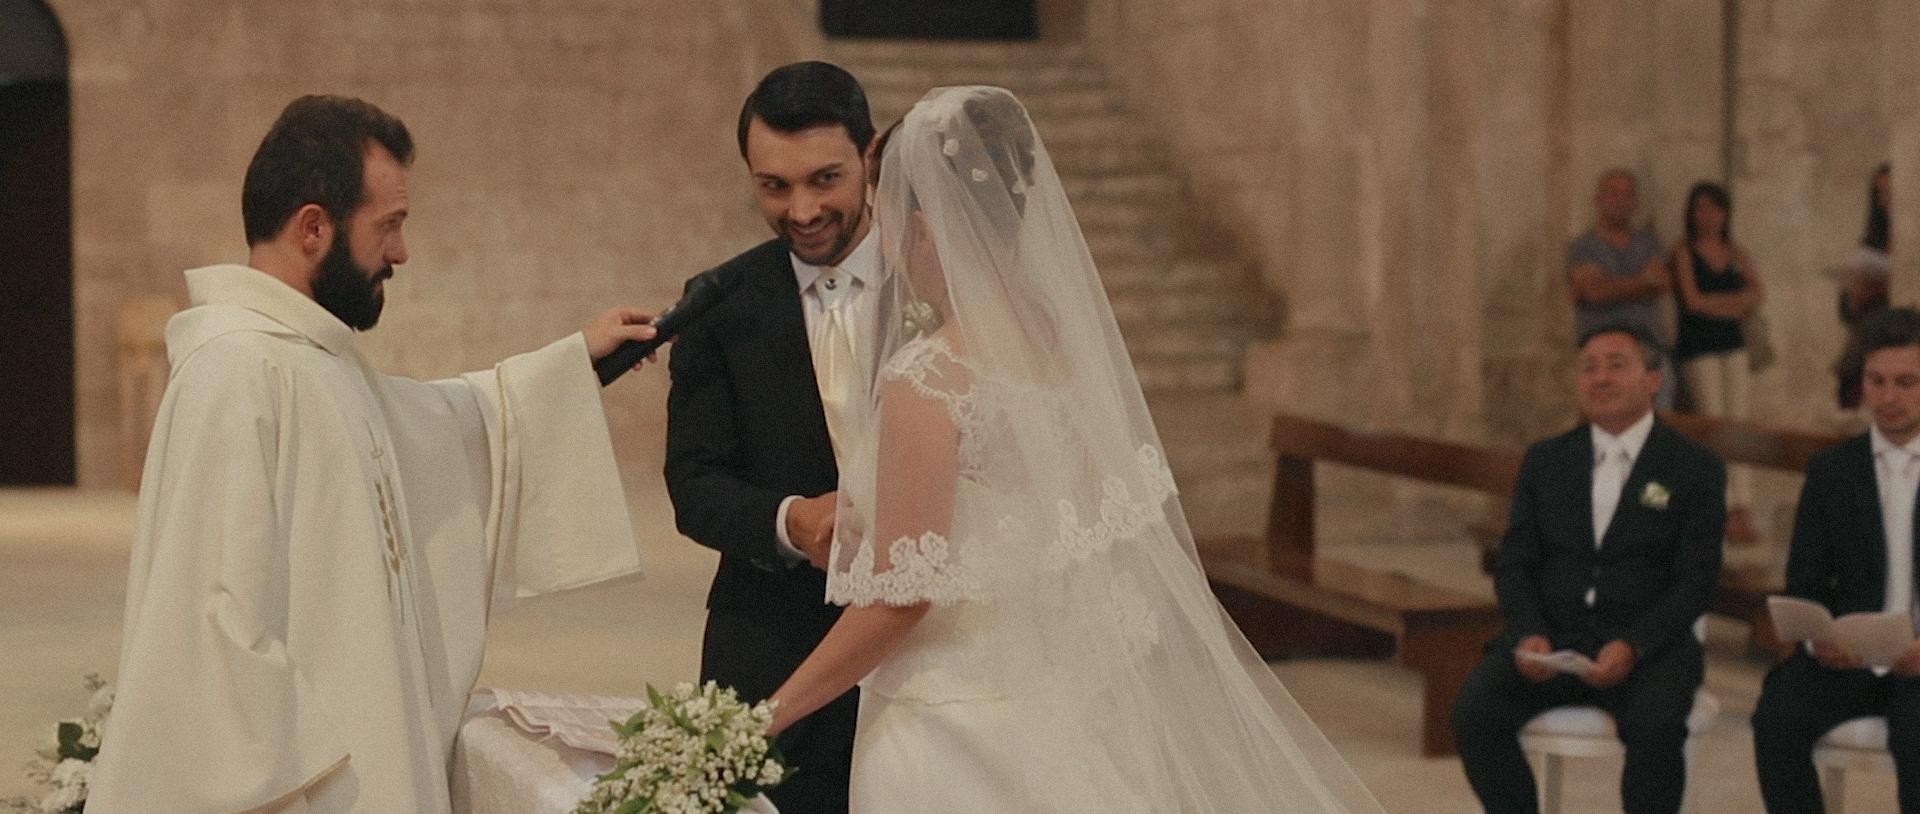 Fabio-Valentina-12 12. Love in Rewind | Trailer (Eng)